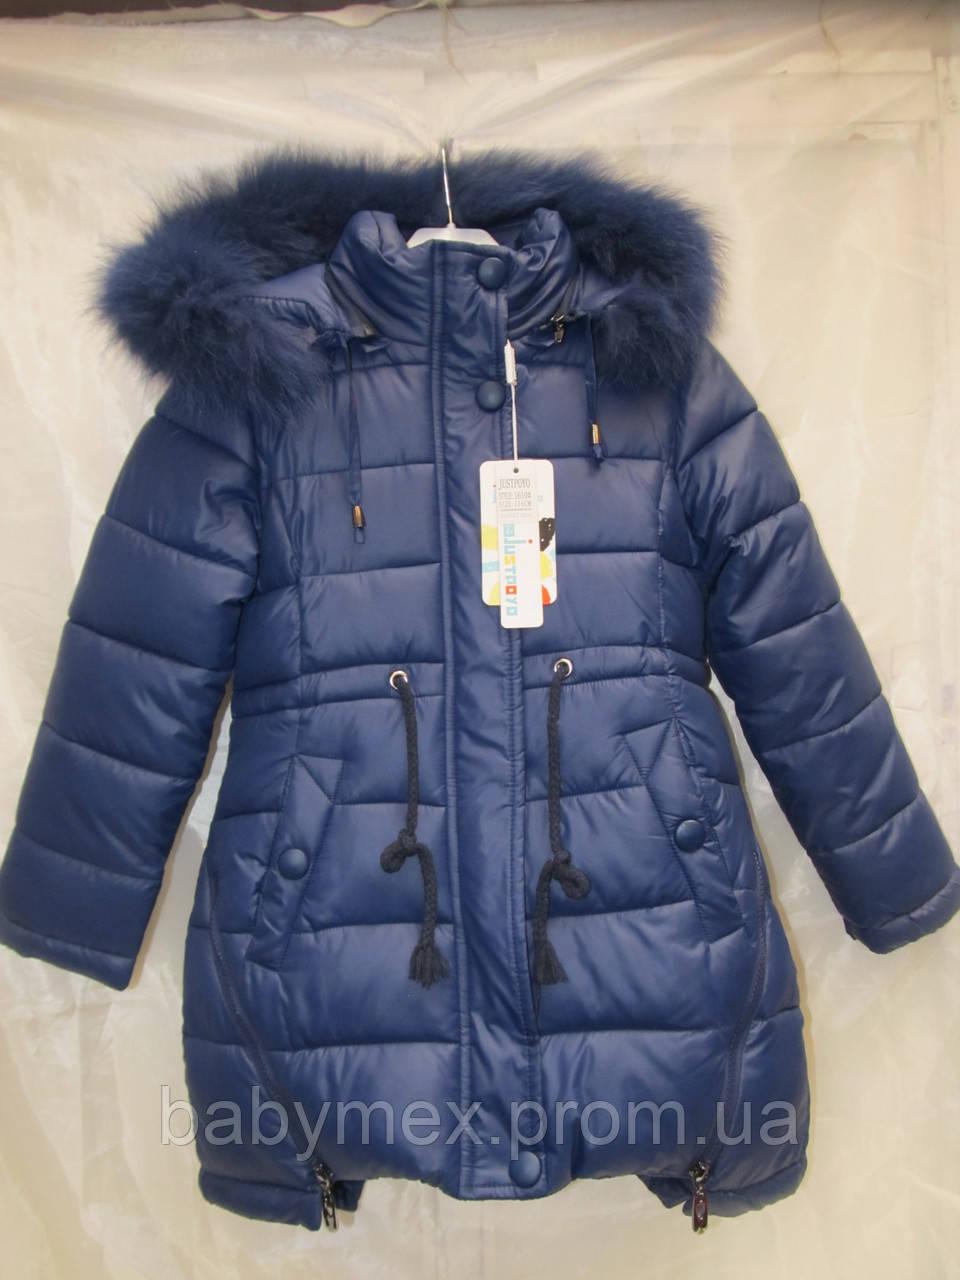 Зимова куртка парка для дівчинки  продажа 9470835a555a5